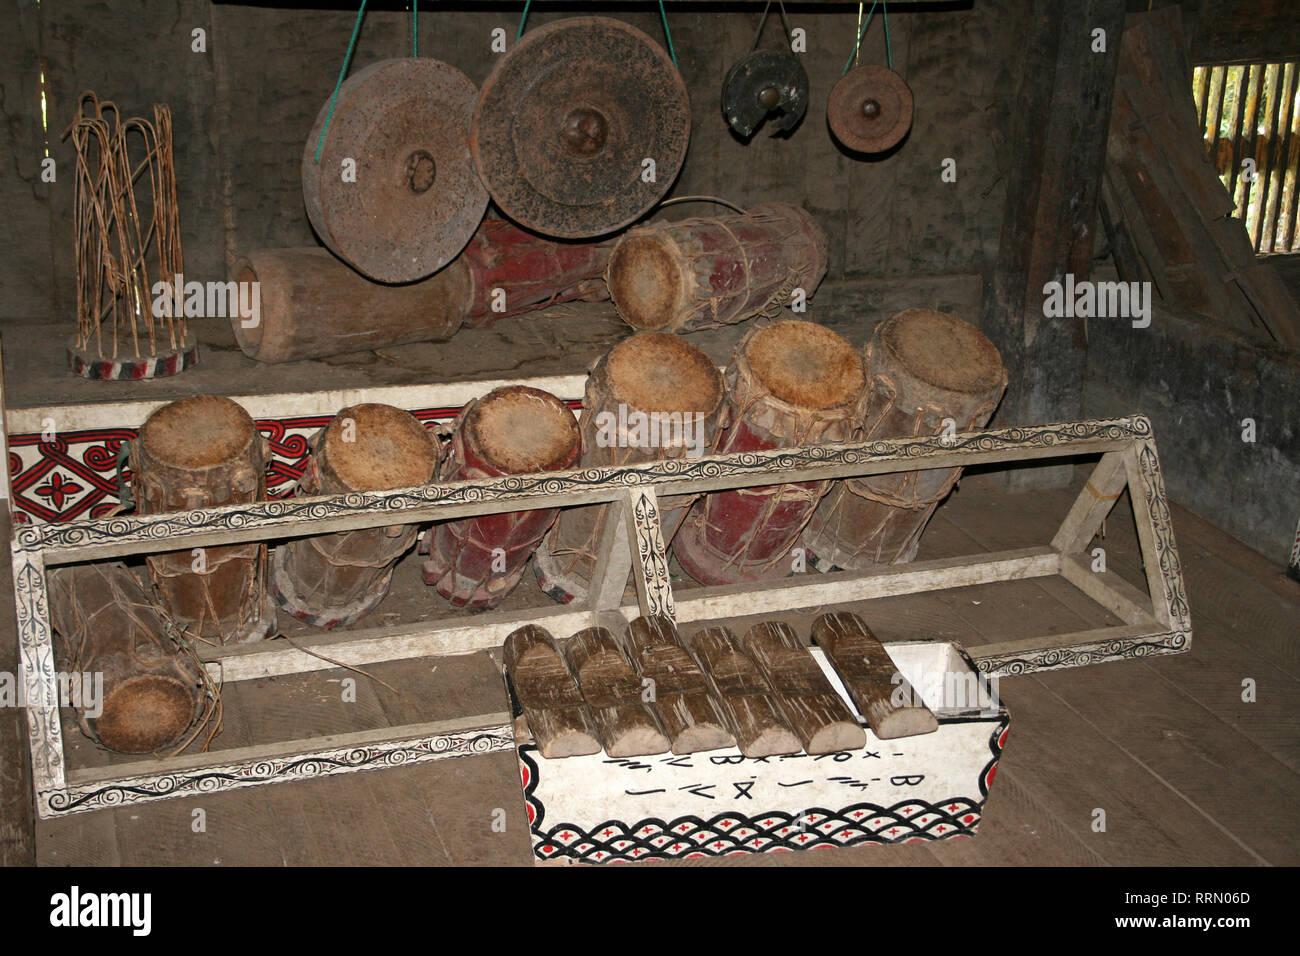 Musical Instruments including gambang (xylophone), drums and gongs, in Palace of the Simalungun Kings at Pematang Purba, Sumatra - Stock Image